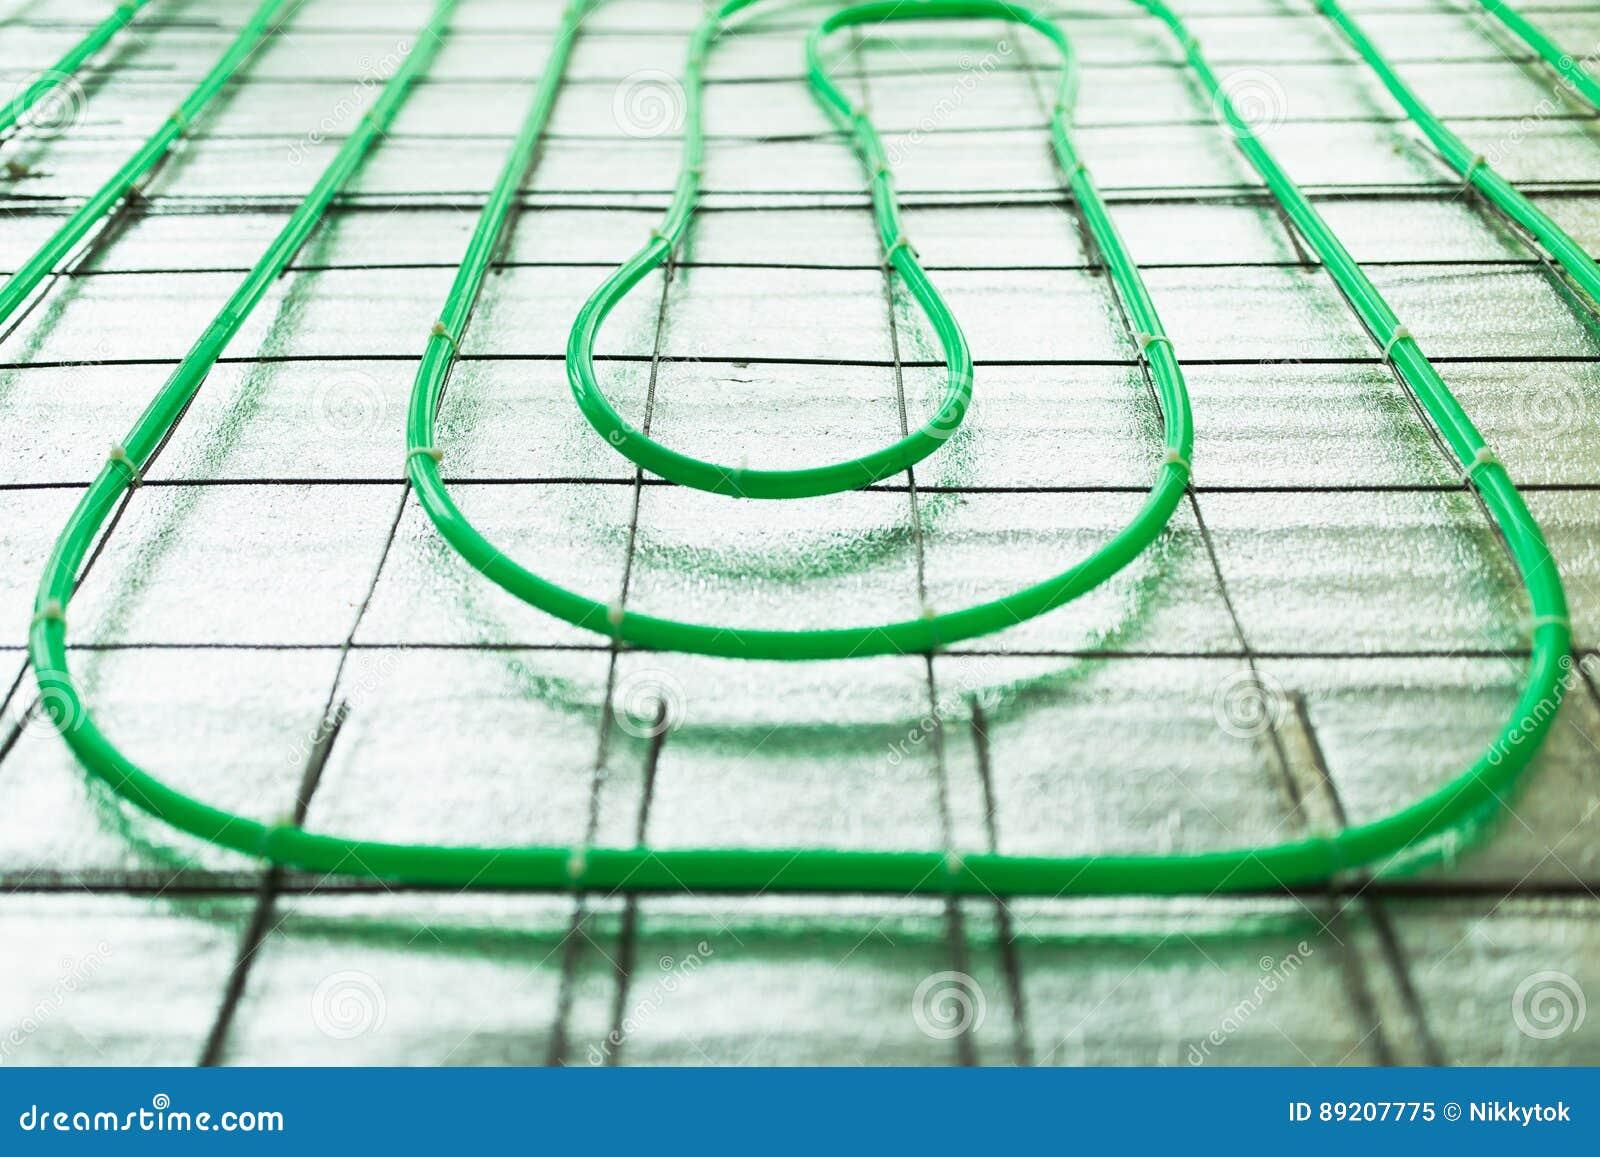 Установка трубы отопления под полом зеленая